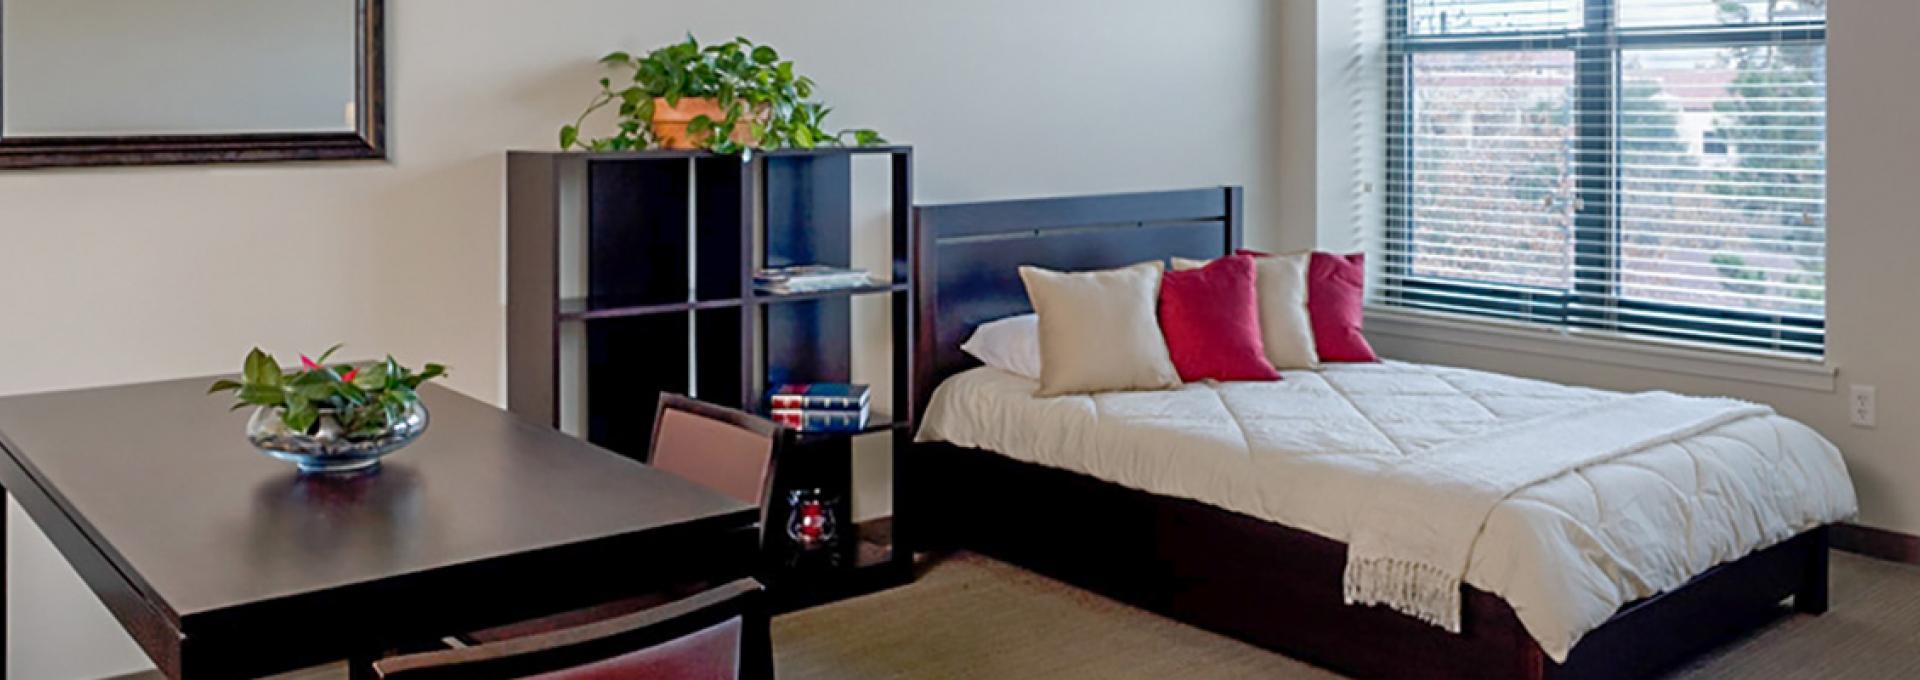 Single Graduate Residence interior